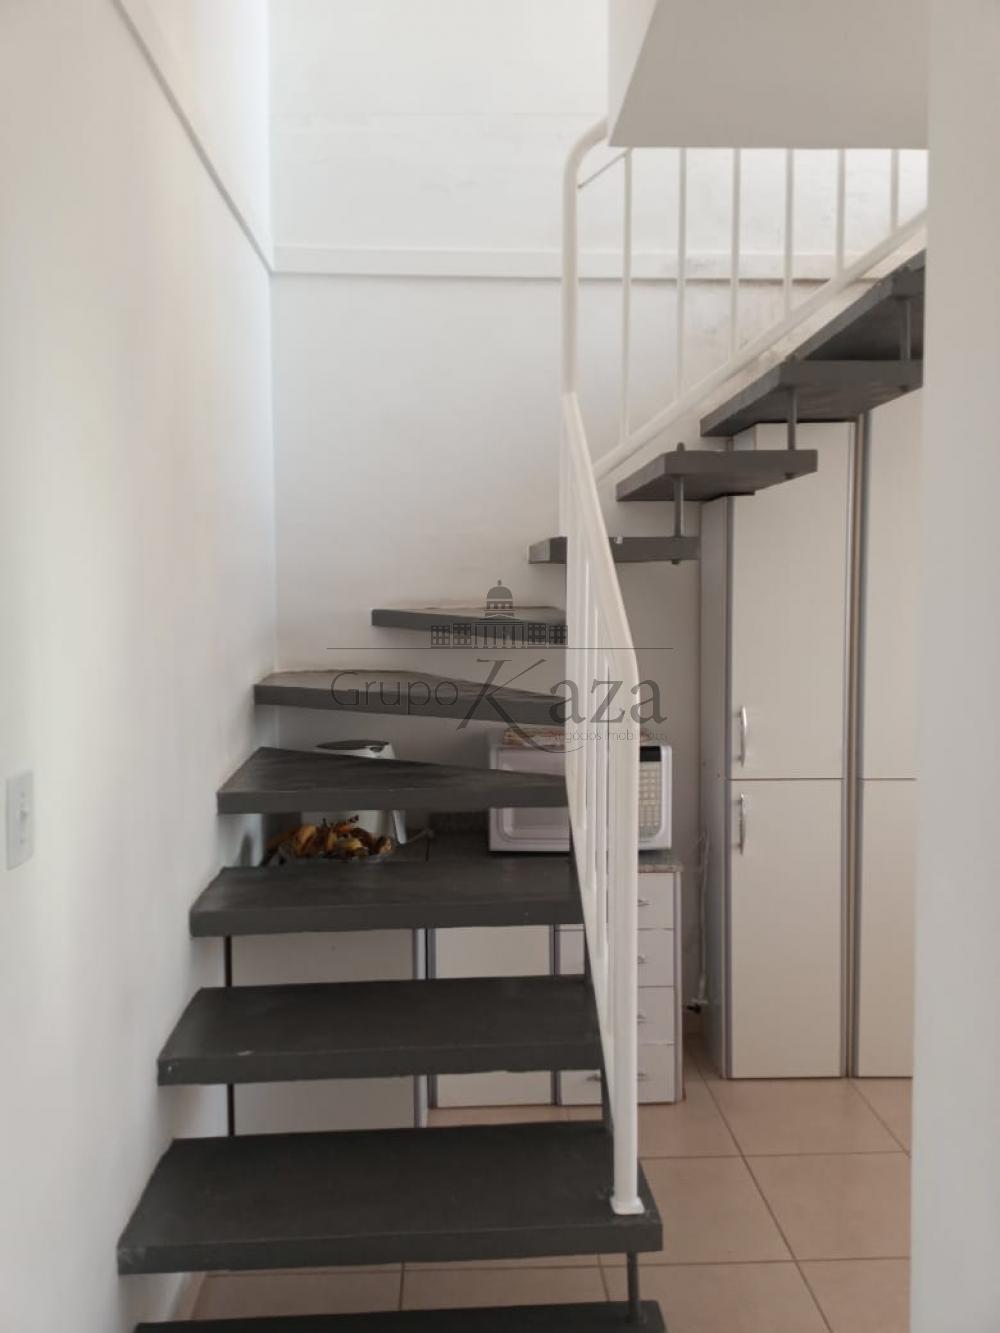 alt='Comprar Apartamento / Cobertura Duplex em São José dos Campos R$ 372.000,00 - Foto 6' title='Comprar Apartamento / Cobertura Duplex em São José dos Campos R$ 372.000,00 - Foto 6'